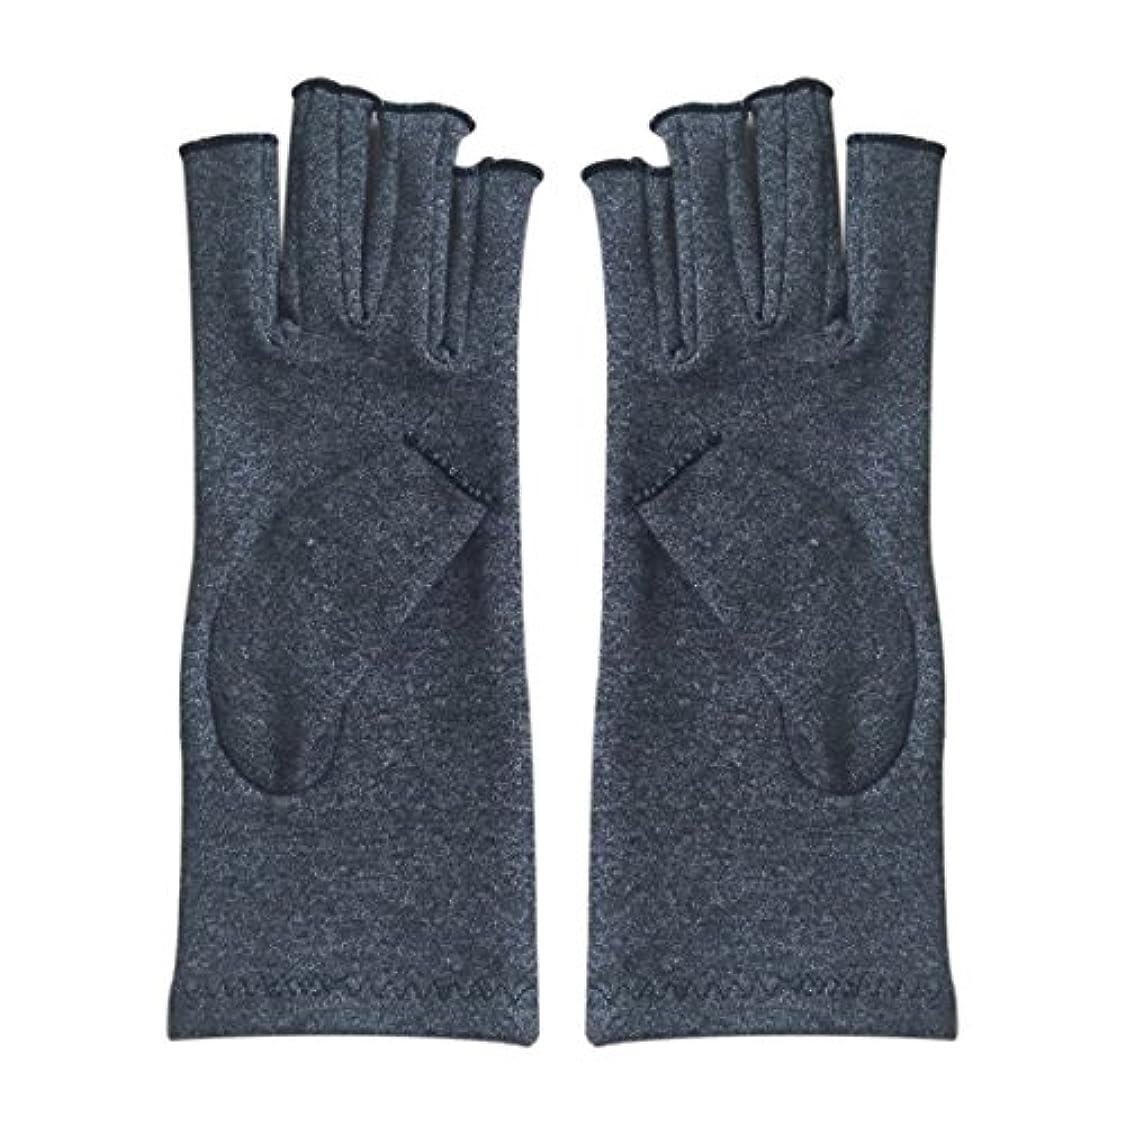 アーカイブコンクリート名声ACAMPTAR 1ペア成人男性女性用弾性コットンコンプレッション手袋手関節炎関節痛鎮痛軽減M - 灰色、M